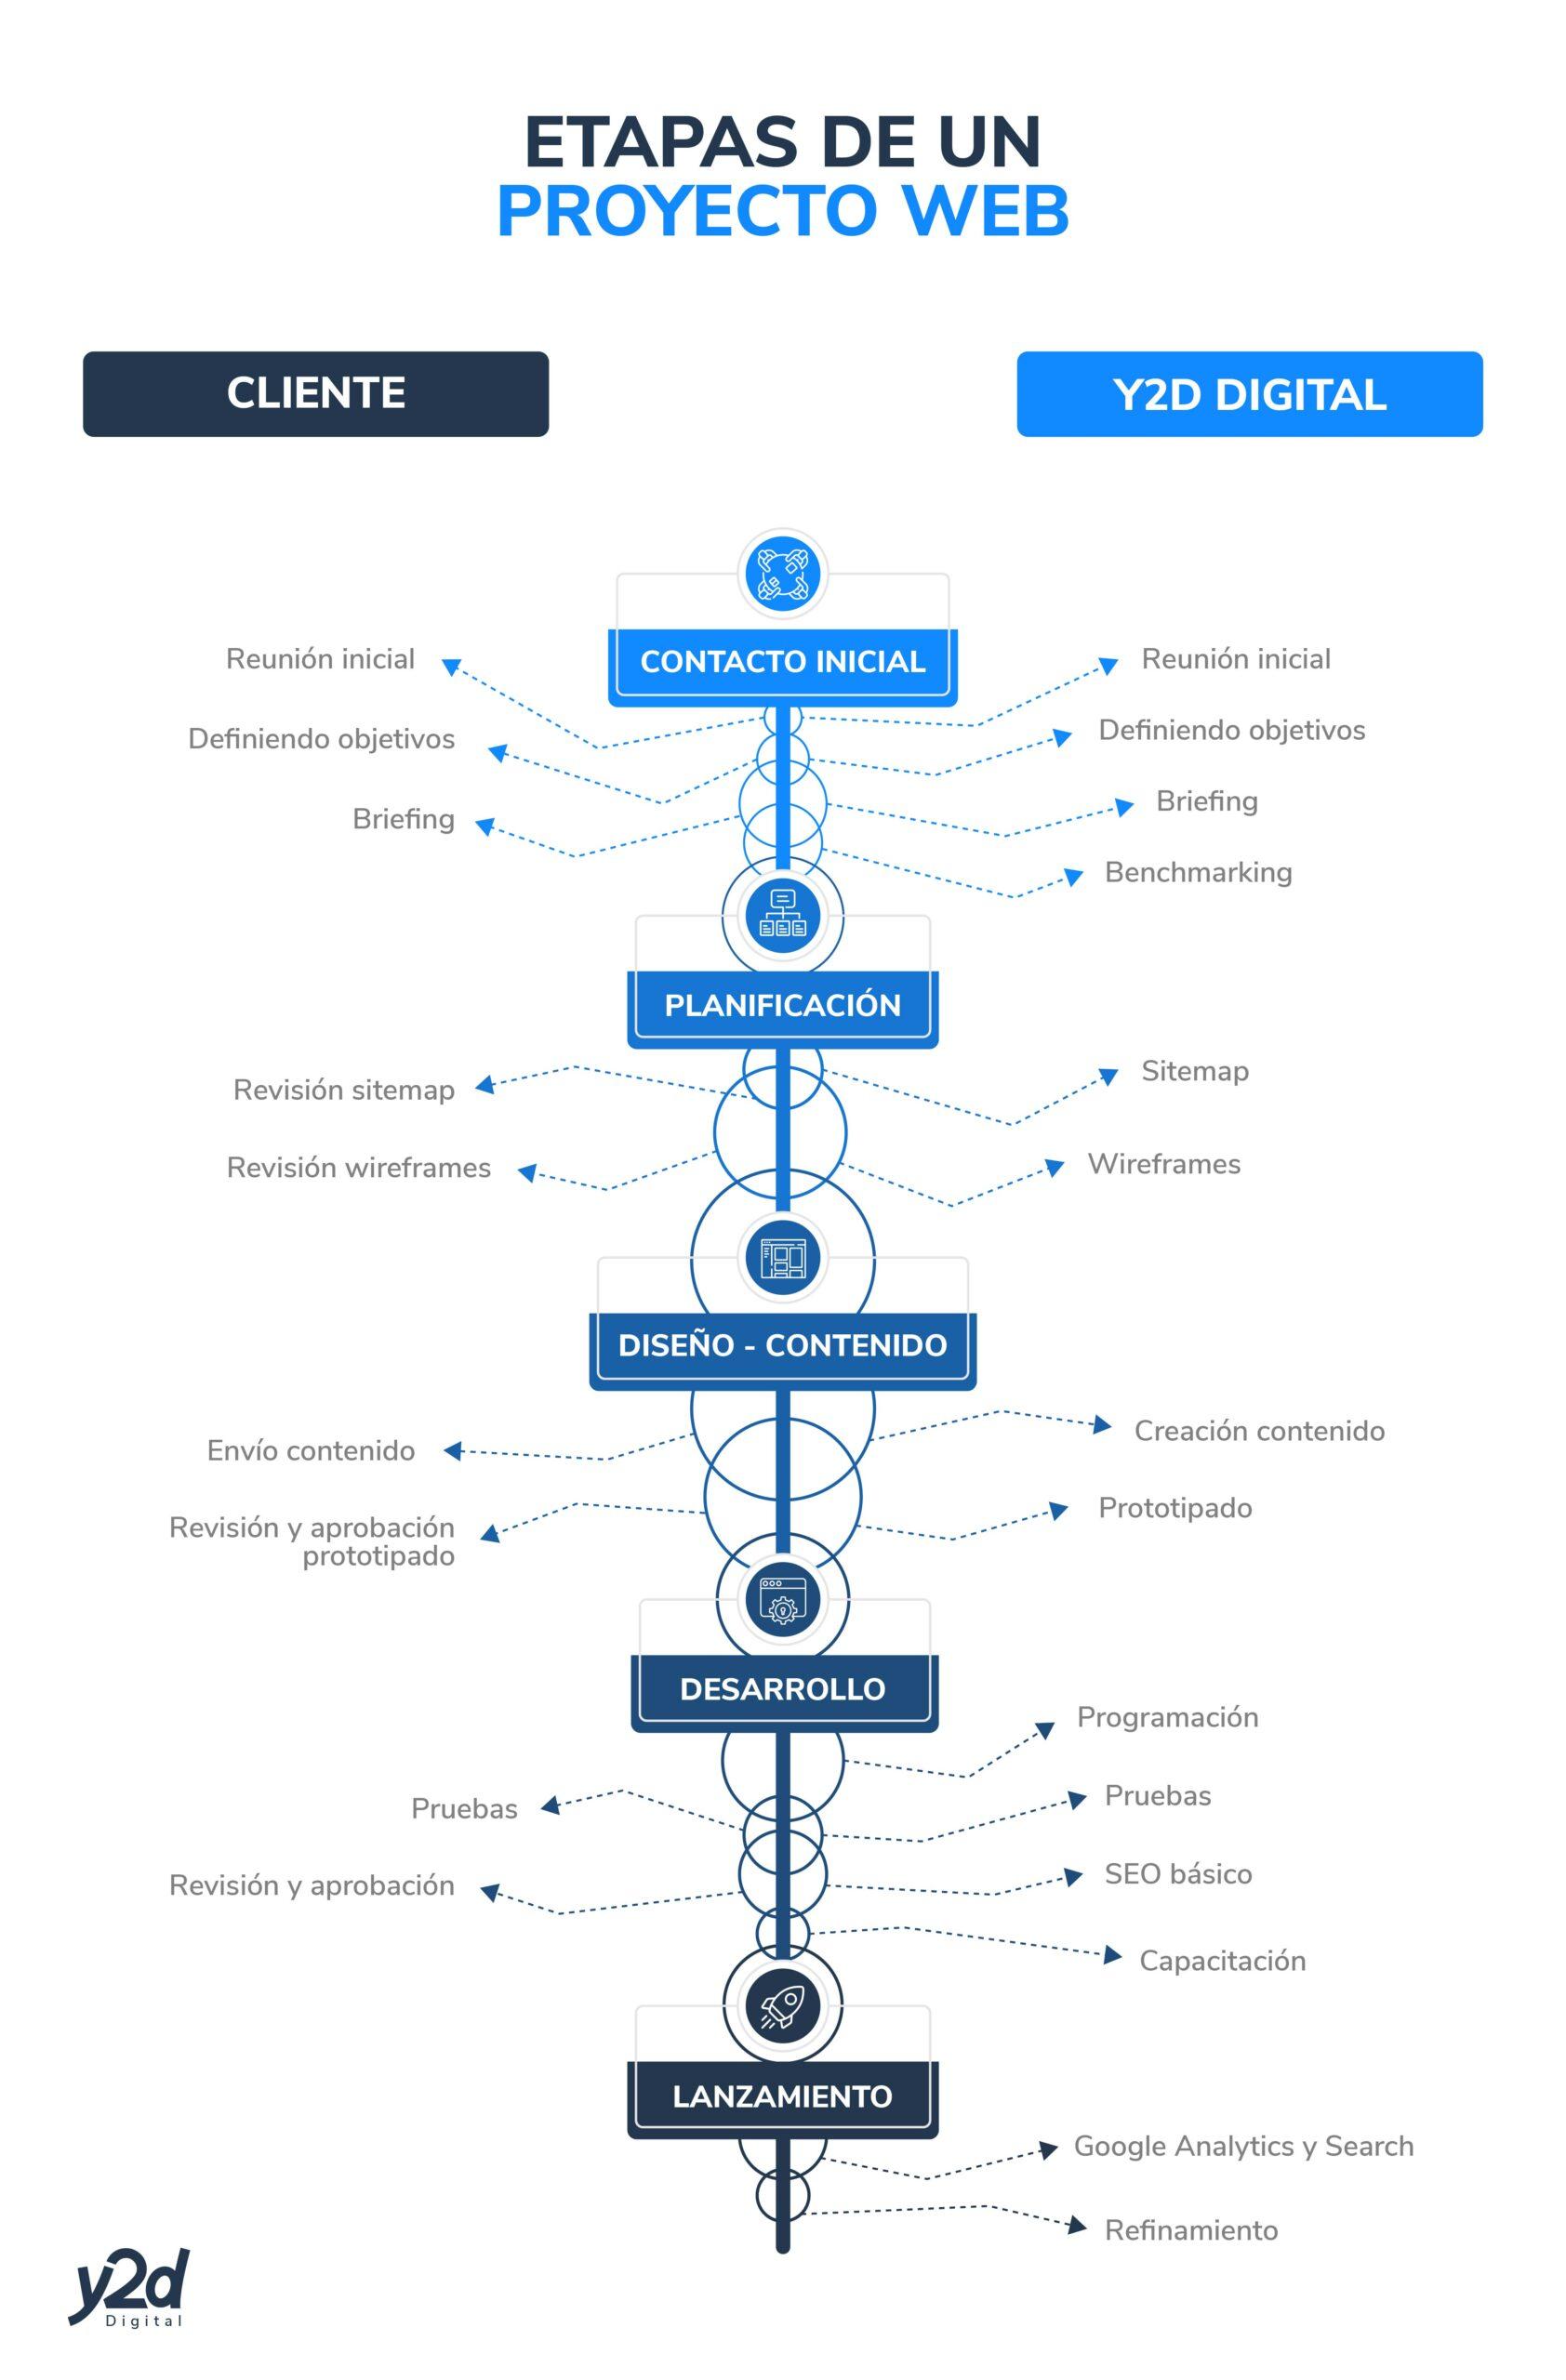 Etapas desarrollo de un sitio web, y2d digital